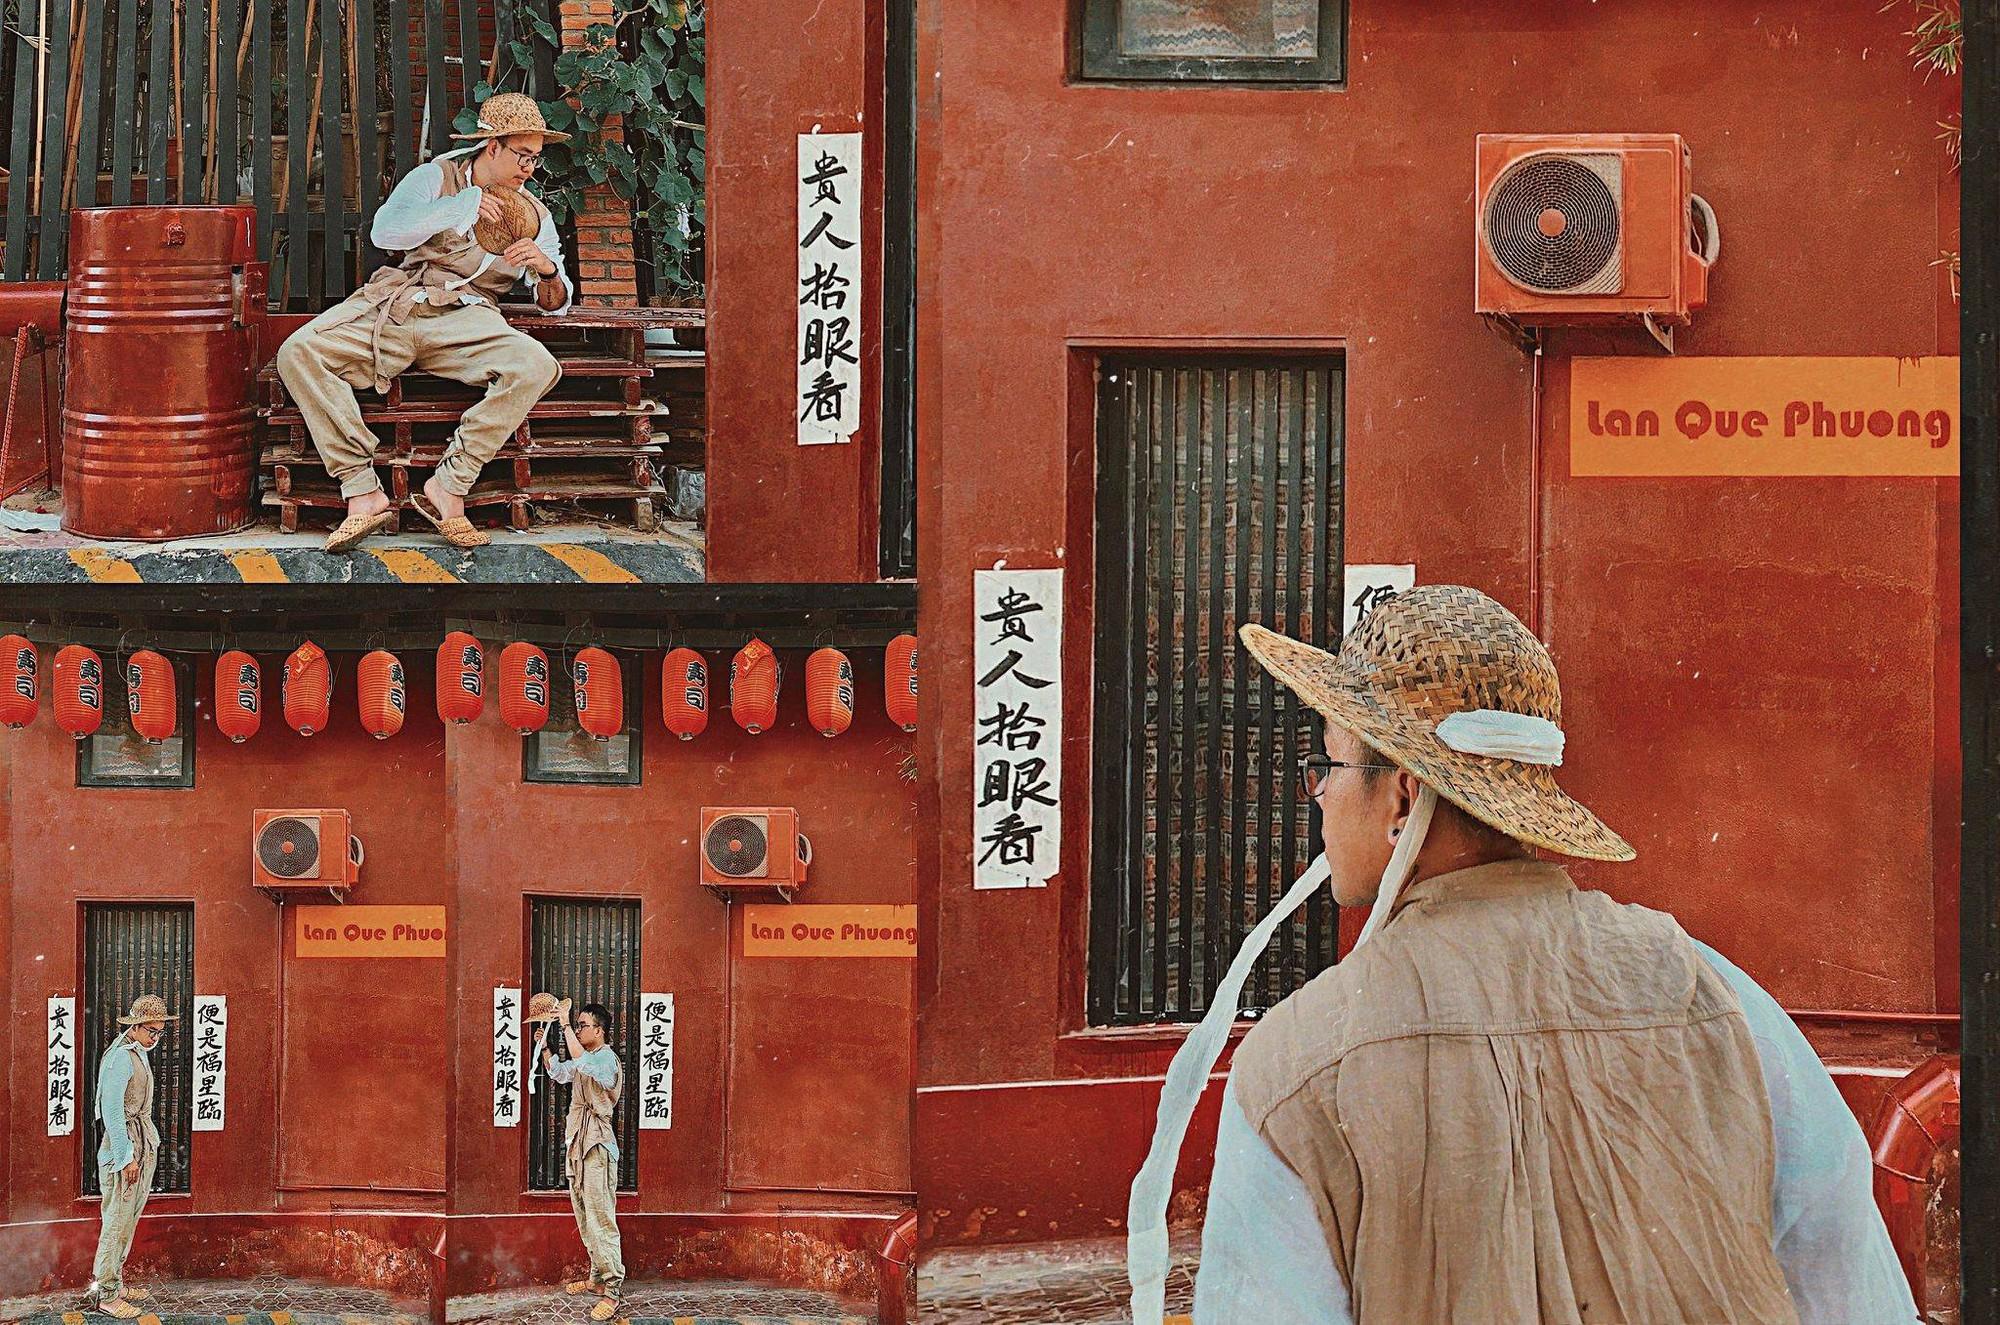 11 địa điểm vừa đẹp, vừa hay mà đã đến Ninh Thuận nhất định không thể bỏ lỡ! - Ảnh 26.